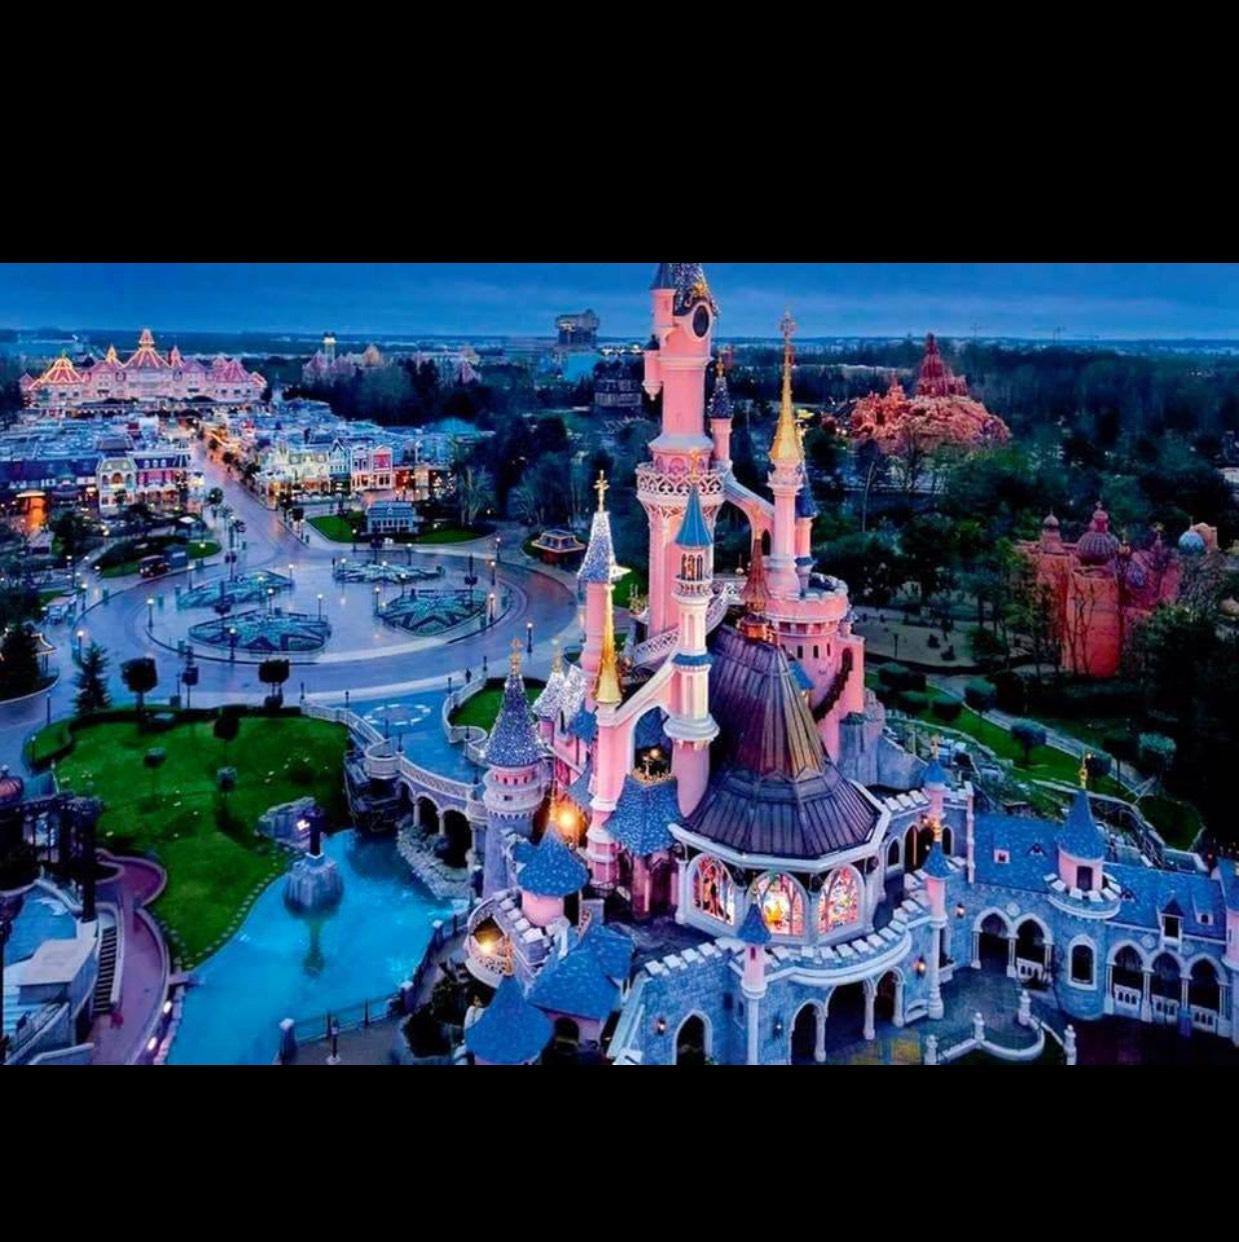 Disneyland Paris 2-4 nights from £135.00 jan-may £135pp @ Holiday pirates